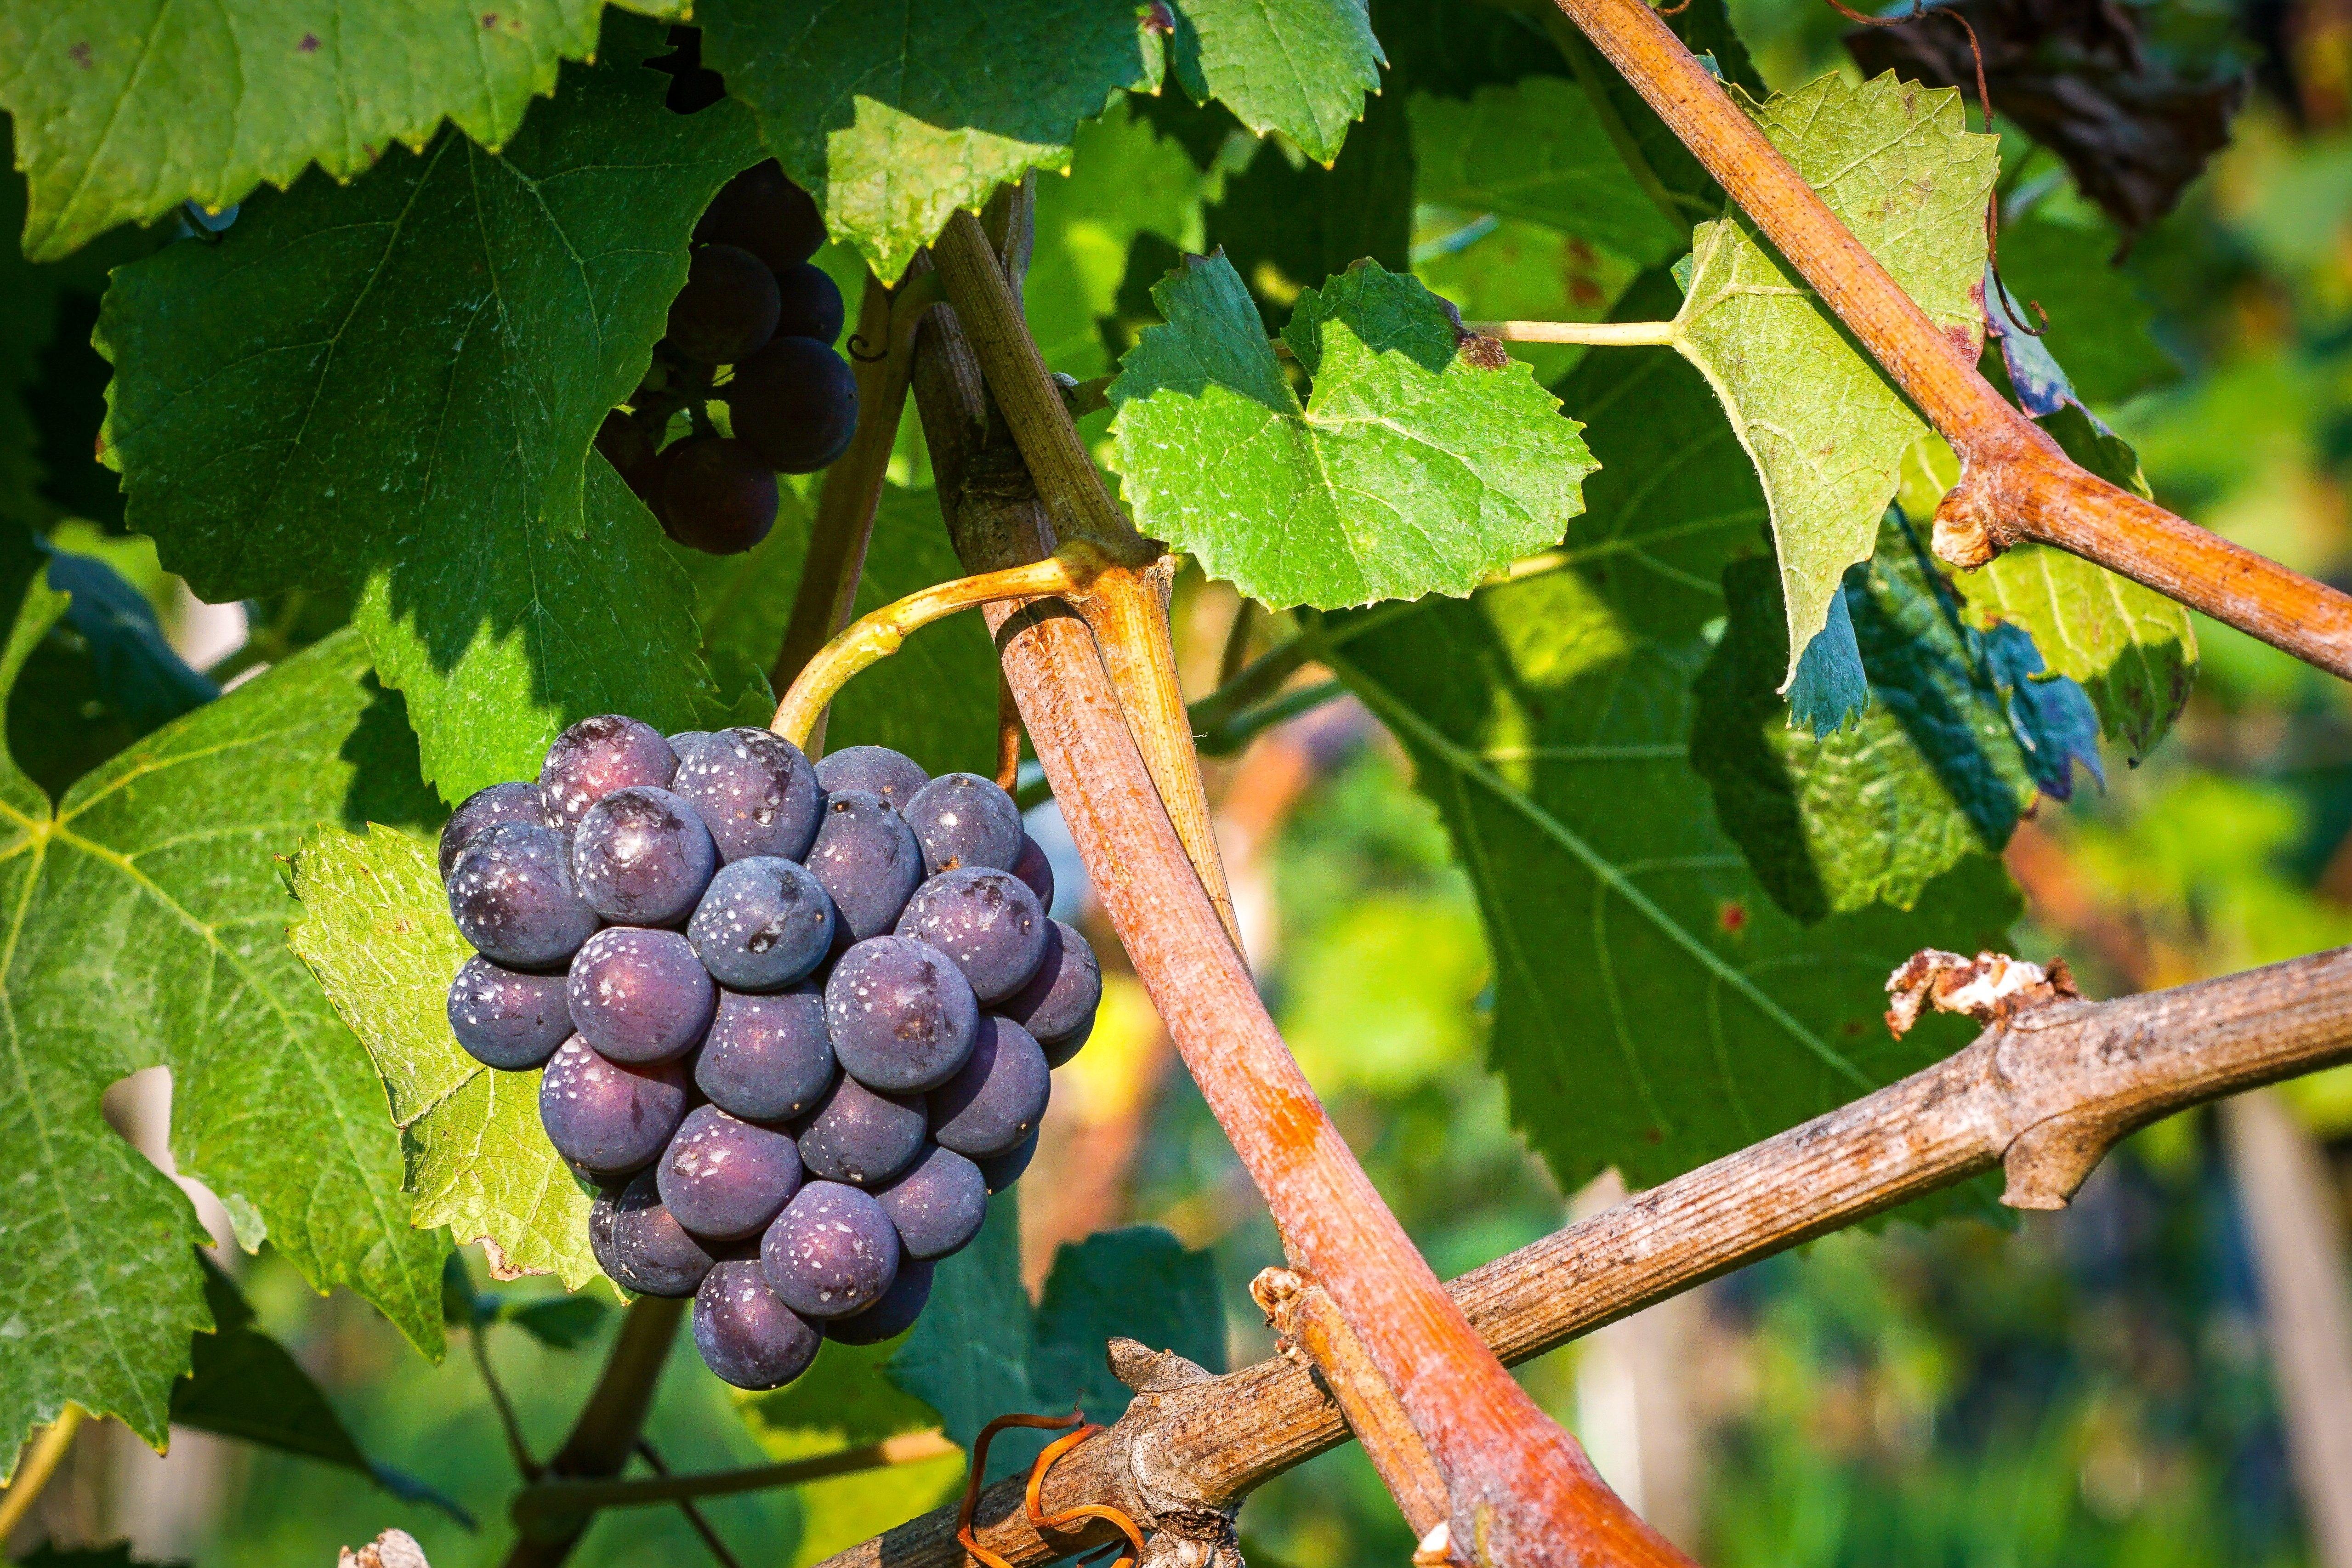 Des raisins sur une branche